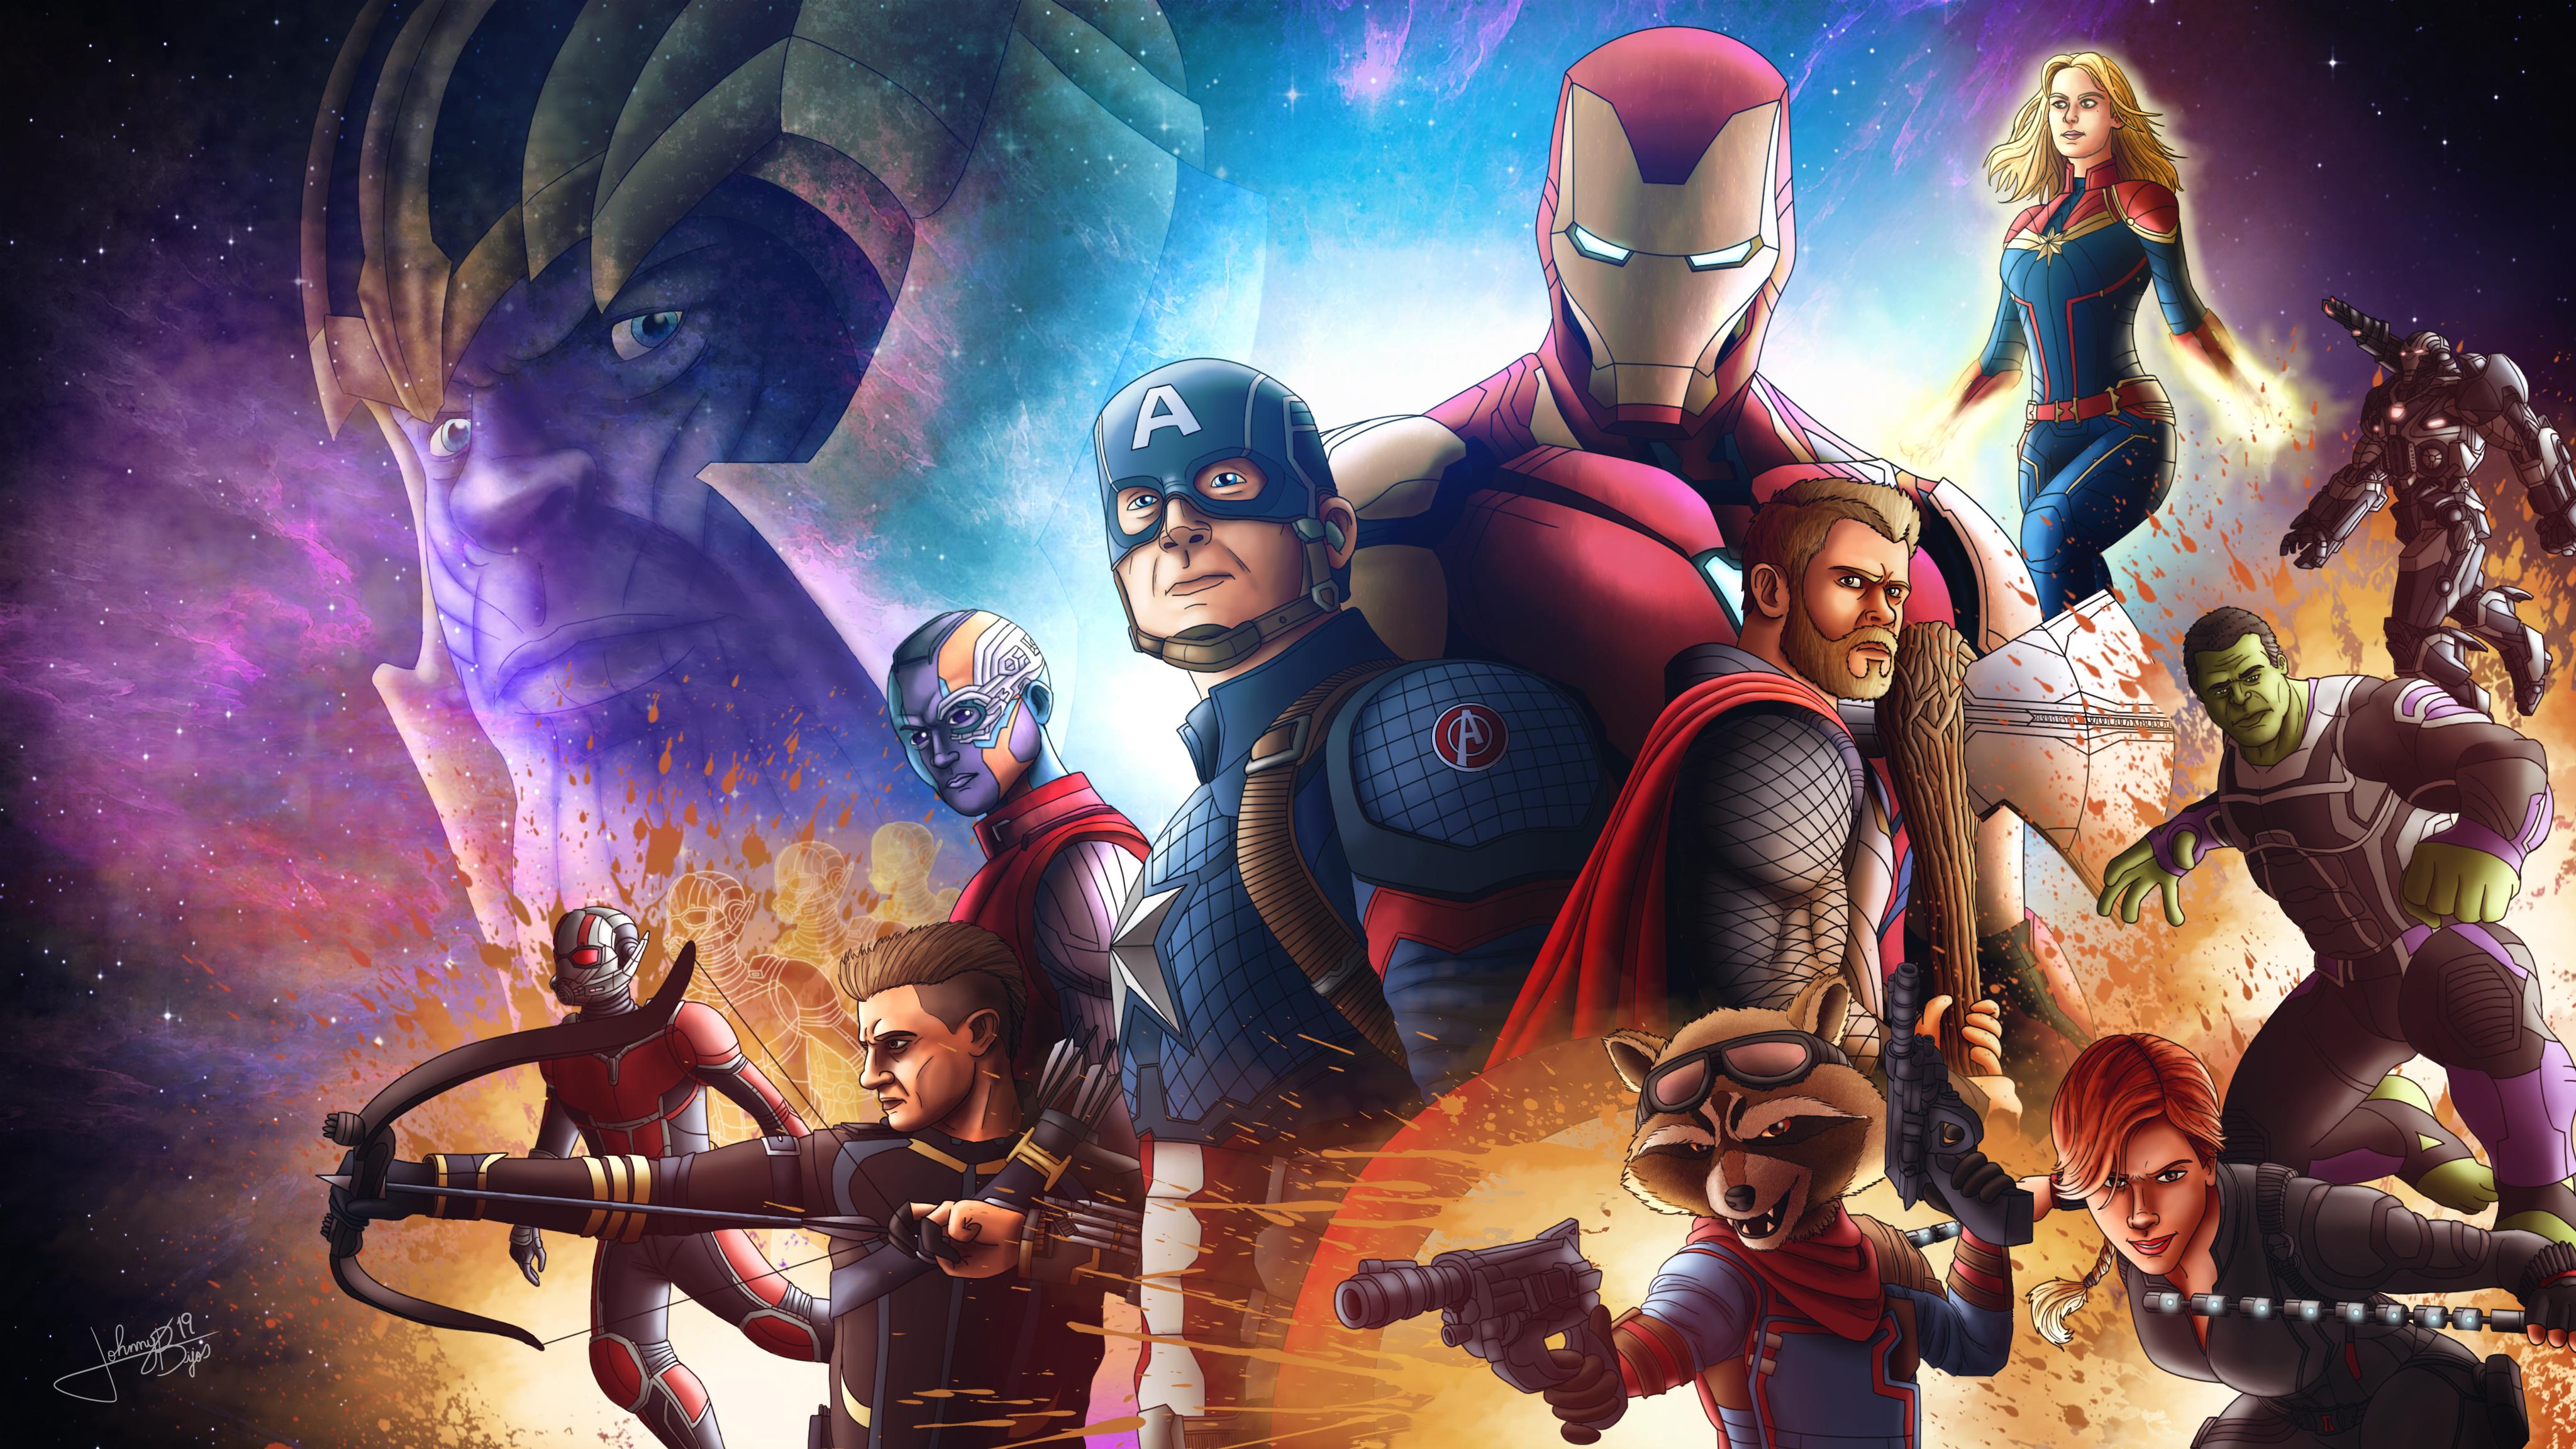 1920x1080 Avengers Endgame4k Art Laptop Full HD 1080P HD ...